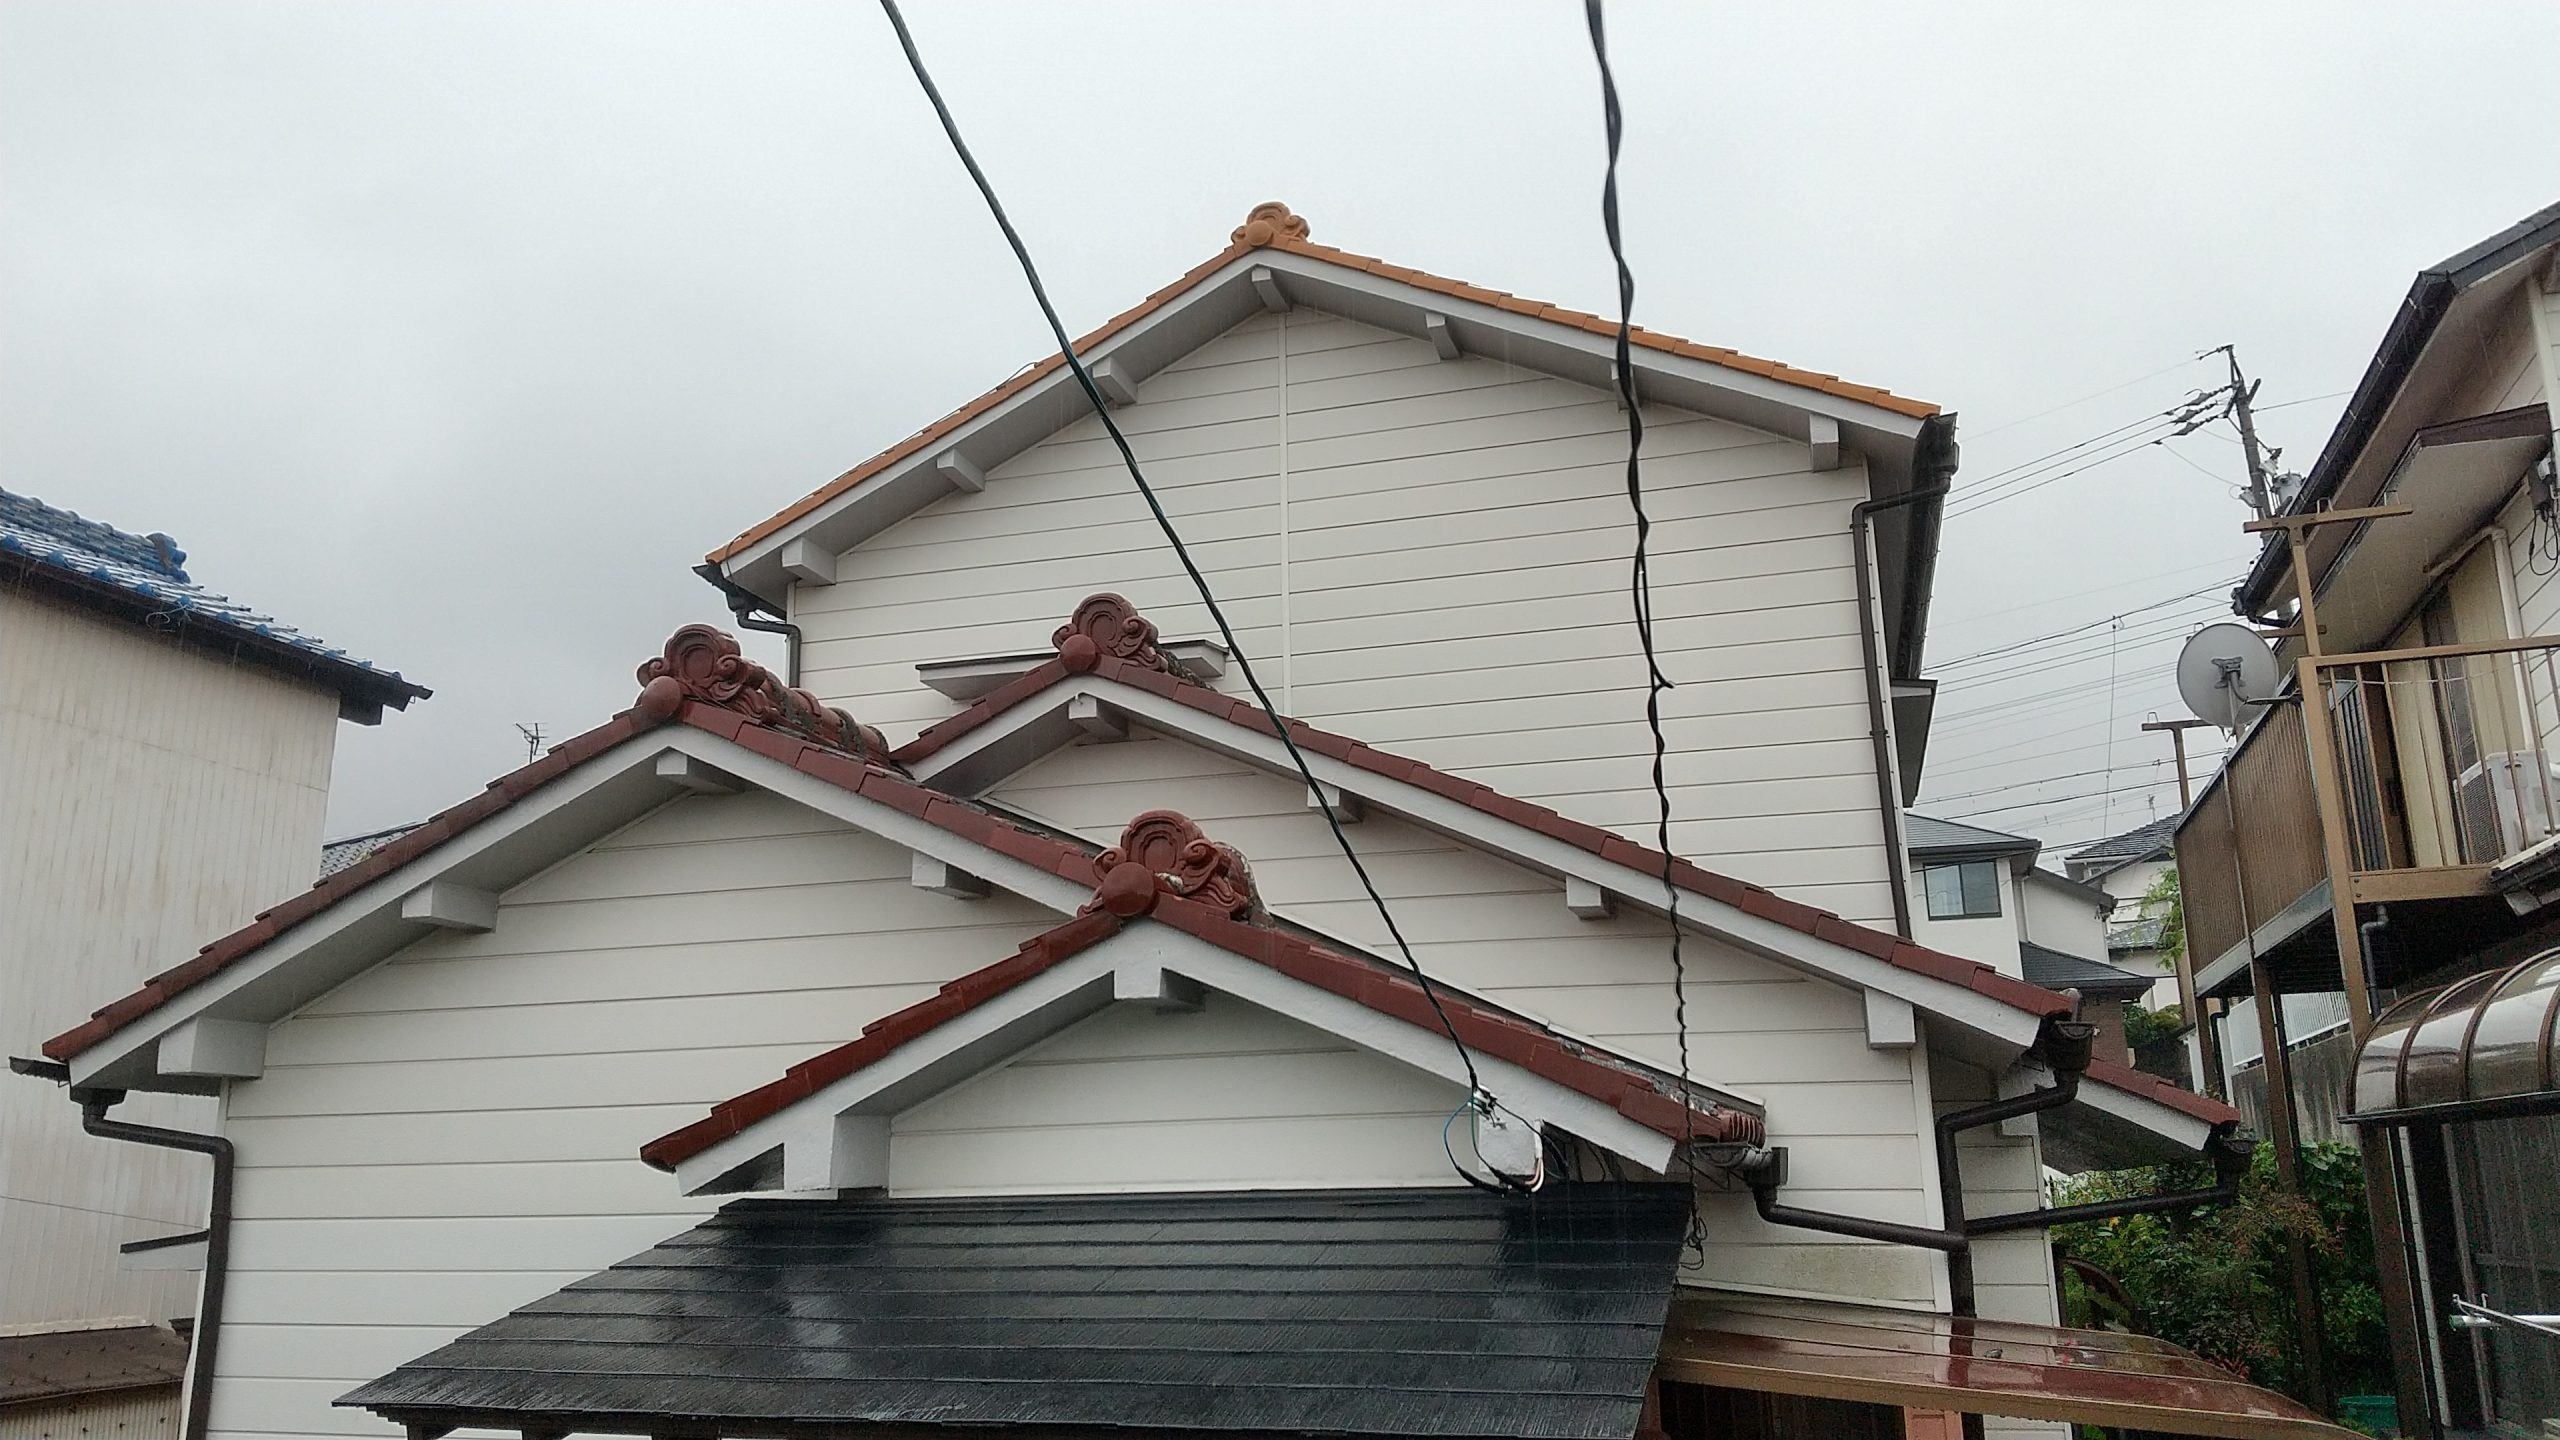 名古屋市緑区 瓦屋根の点検依頼を受け伺いました。